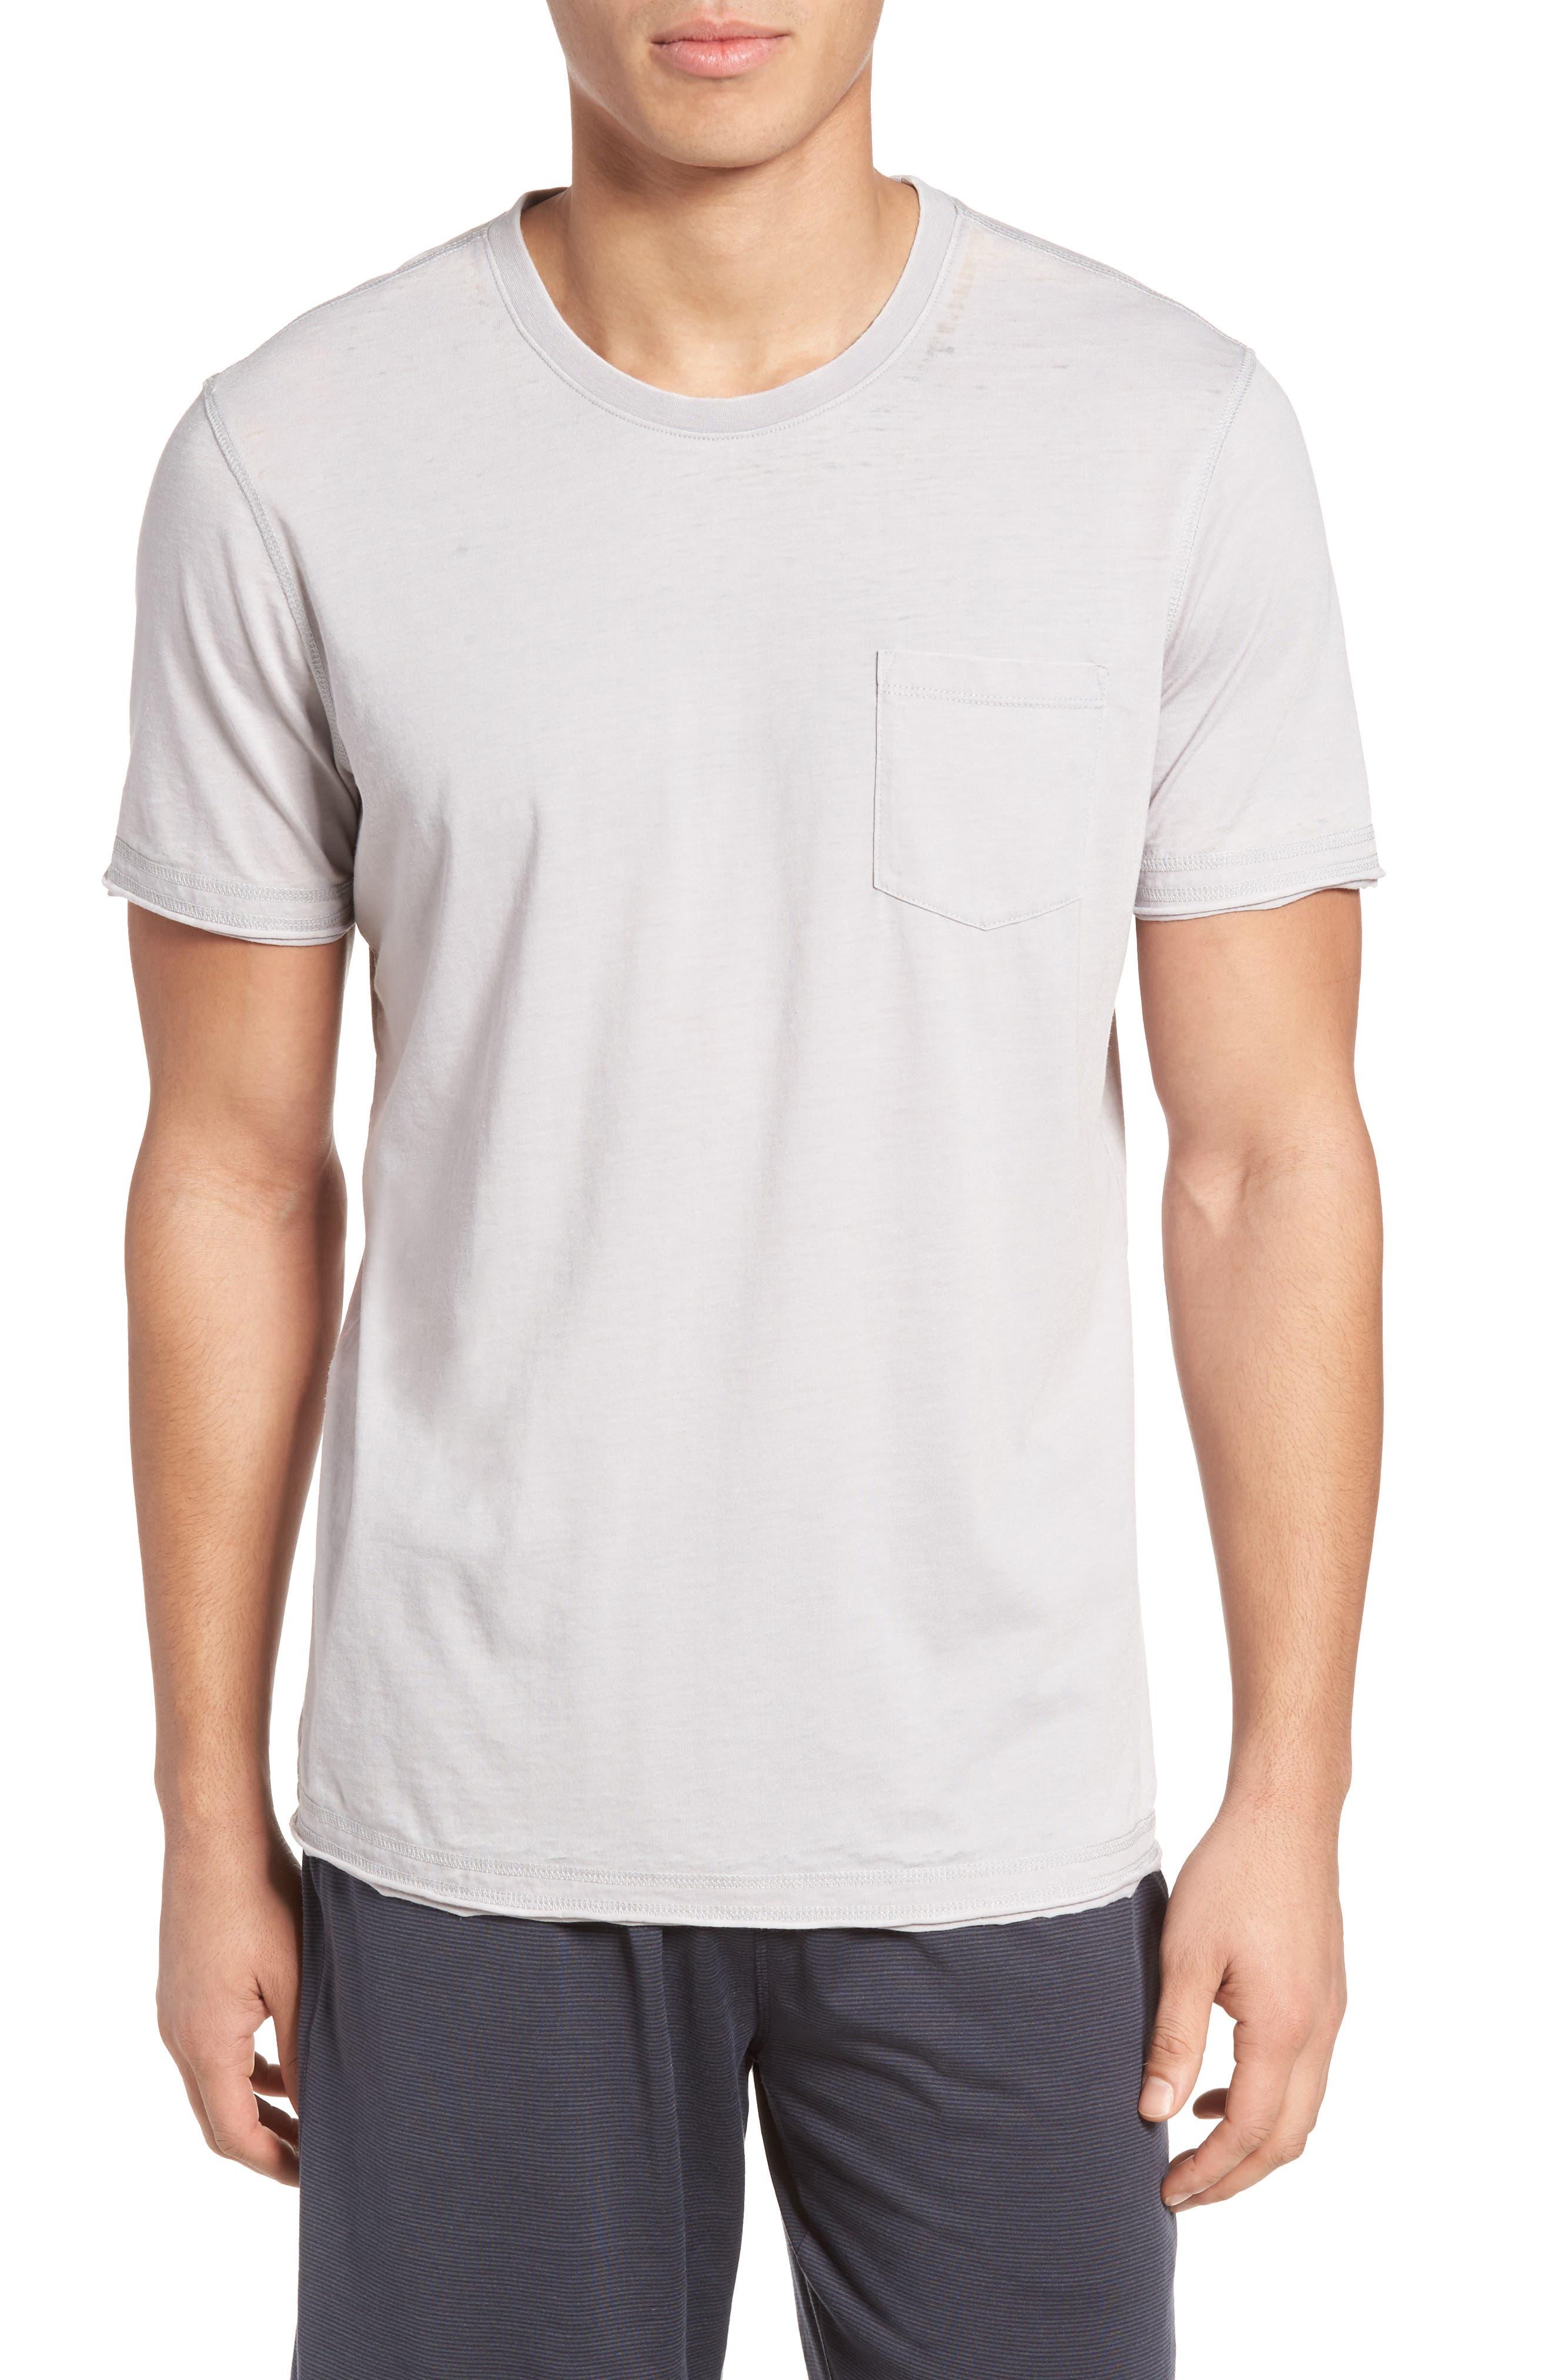 Alternate Image 1 Selected - Daniel Buchler Burnout Cotton Blend Crewneck T-Shirt